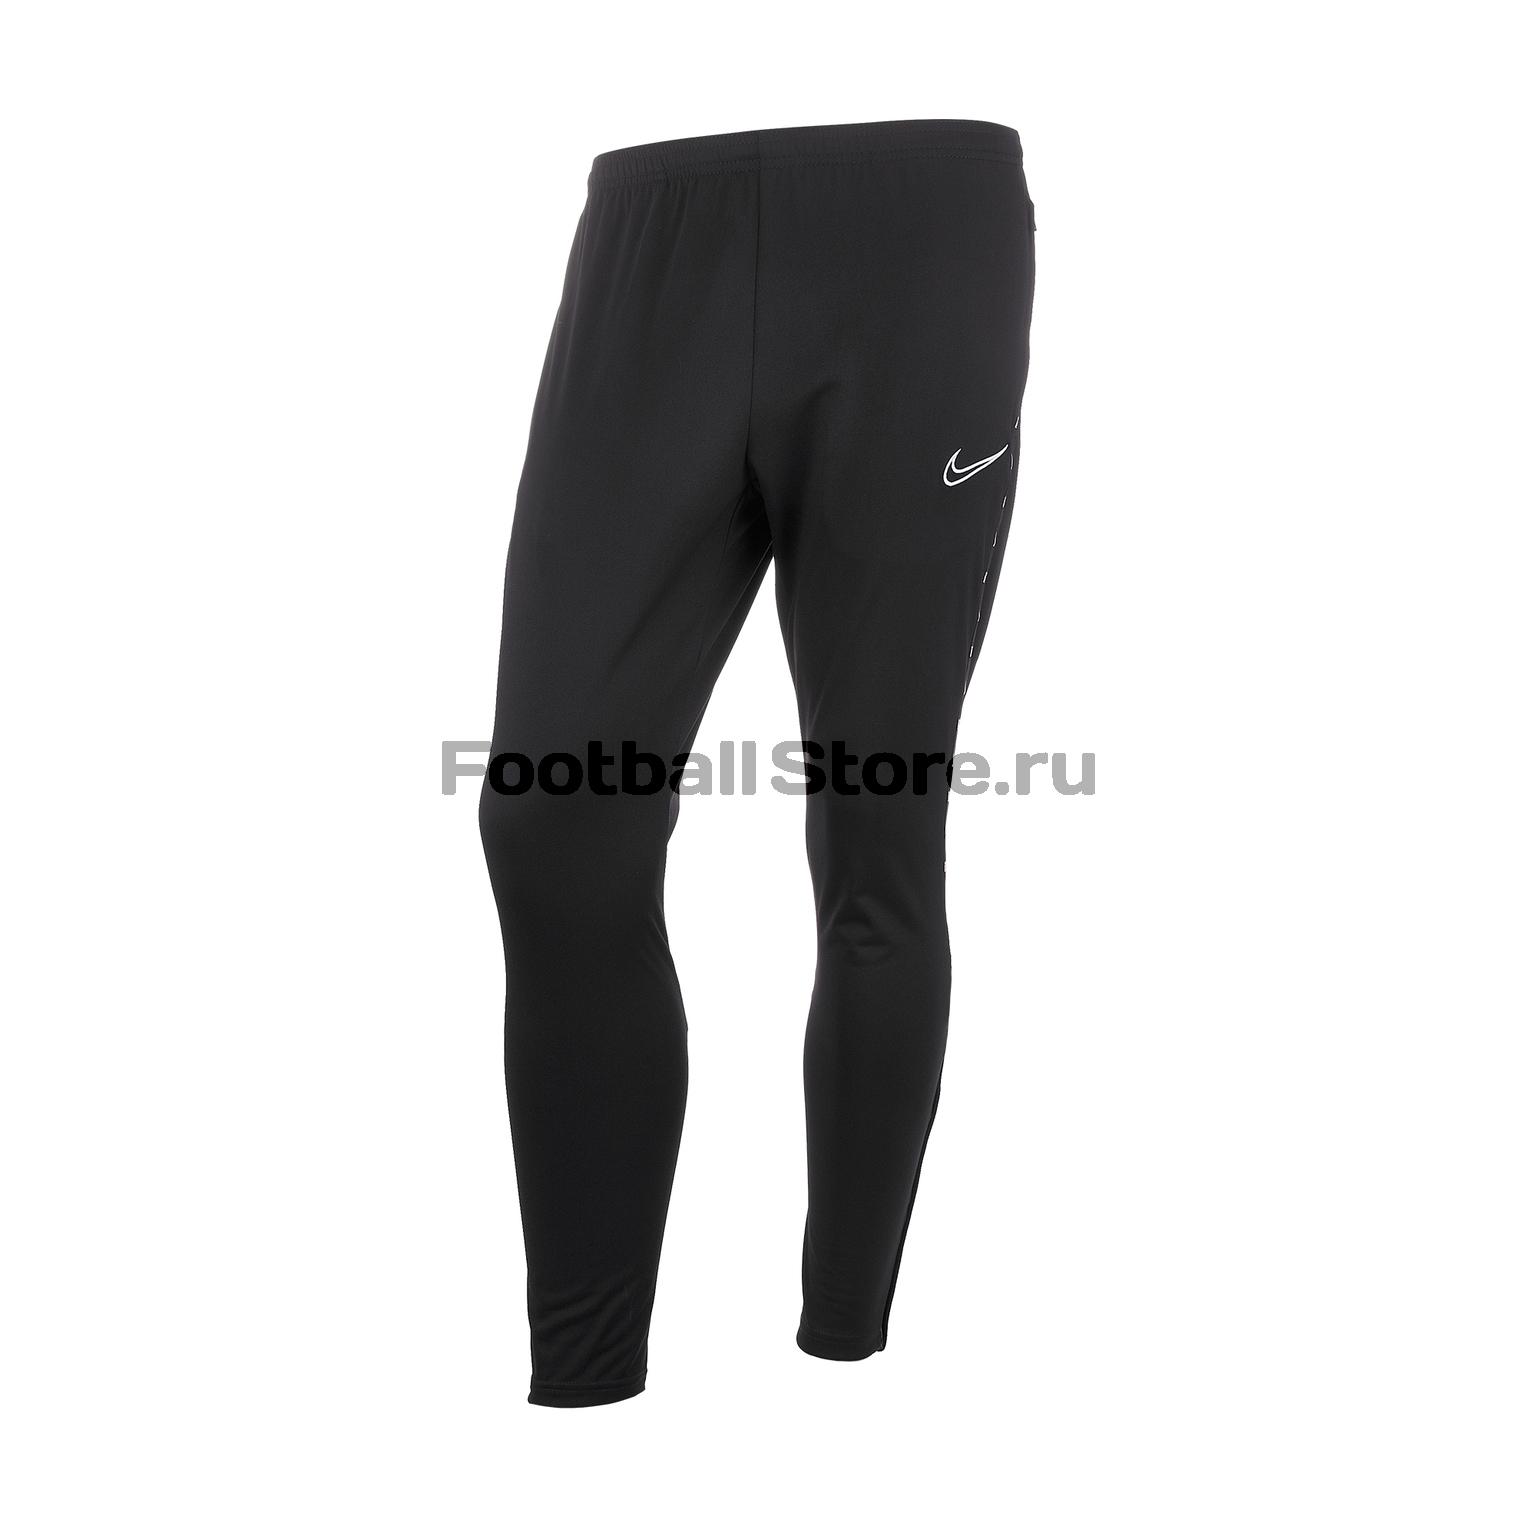 Брюки тренировочные Nike Dry Academy Pant AT5647-010 цена в Москве и Питере